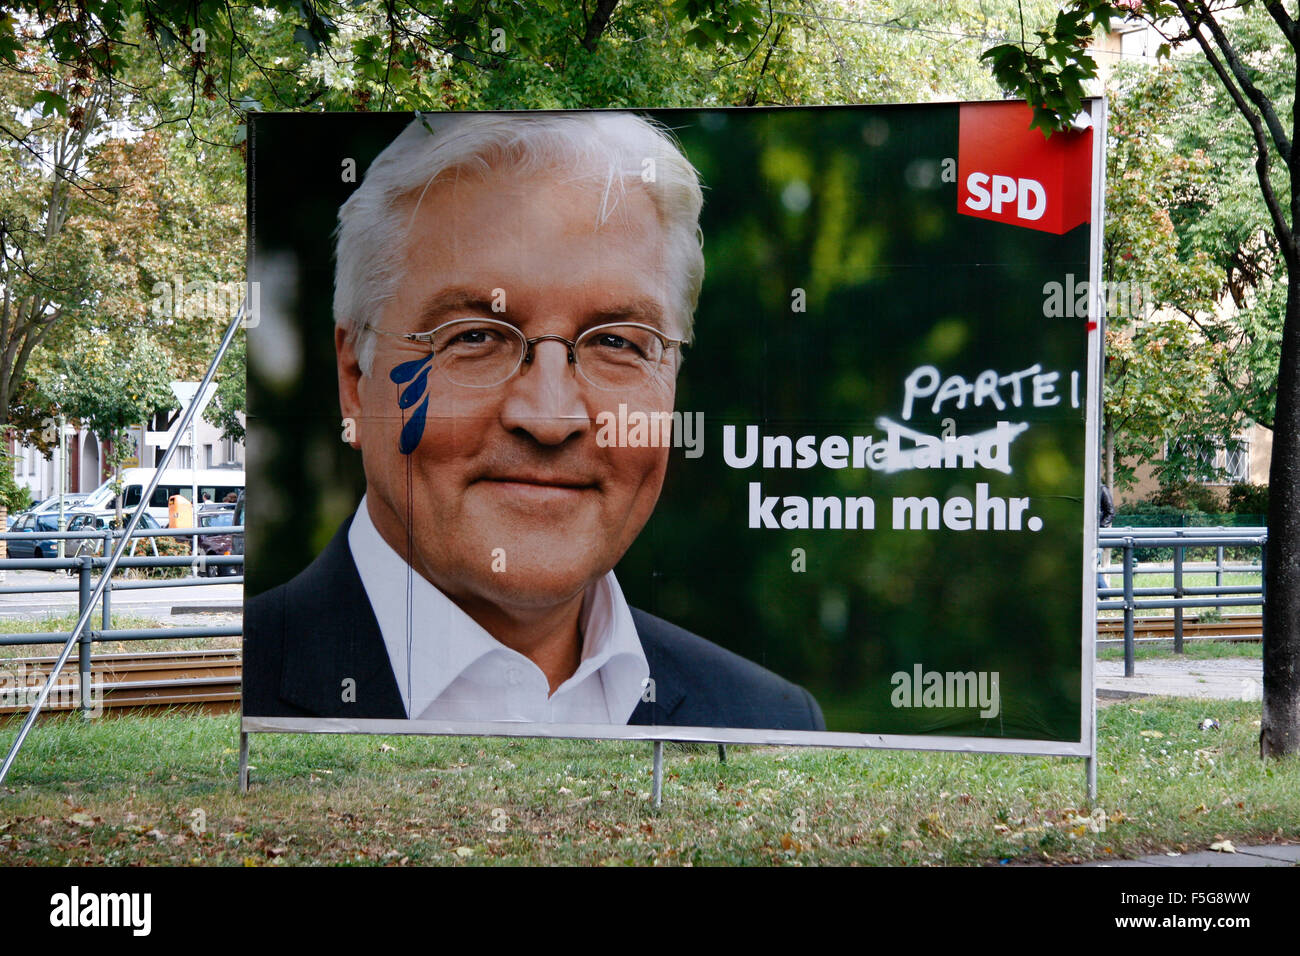 Wahlplakat des unterlegenen SPD-Kanzlerkandidaten Frank-Walter Steinmeier, Berlin. - Stock Image